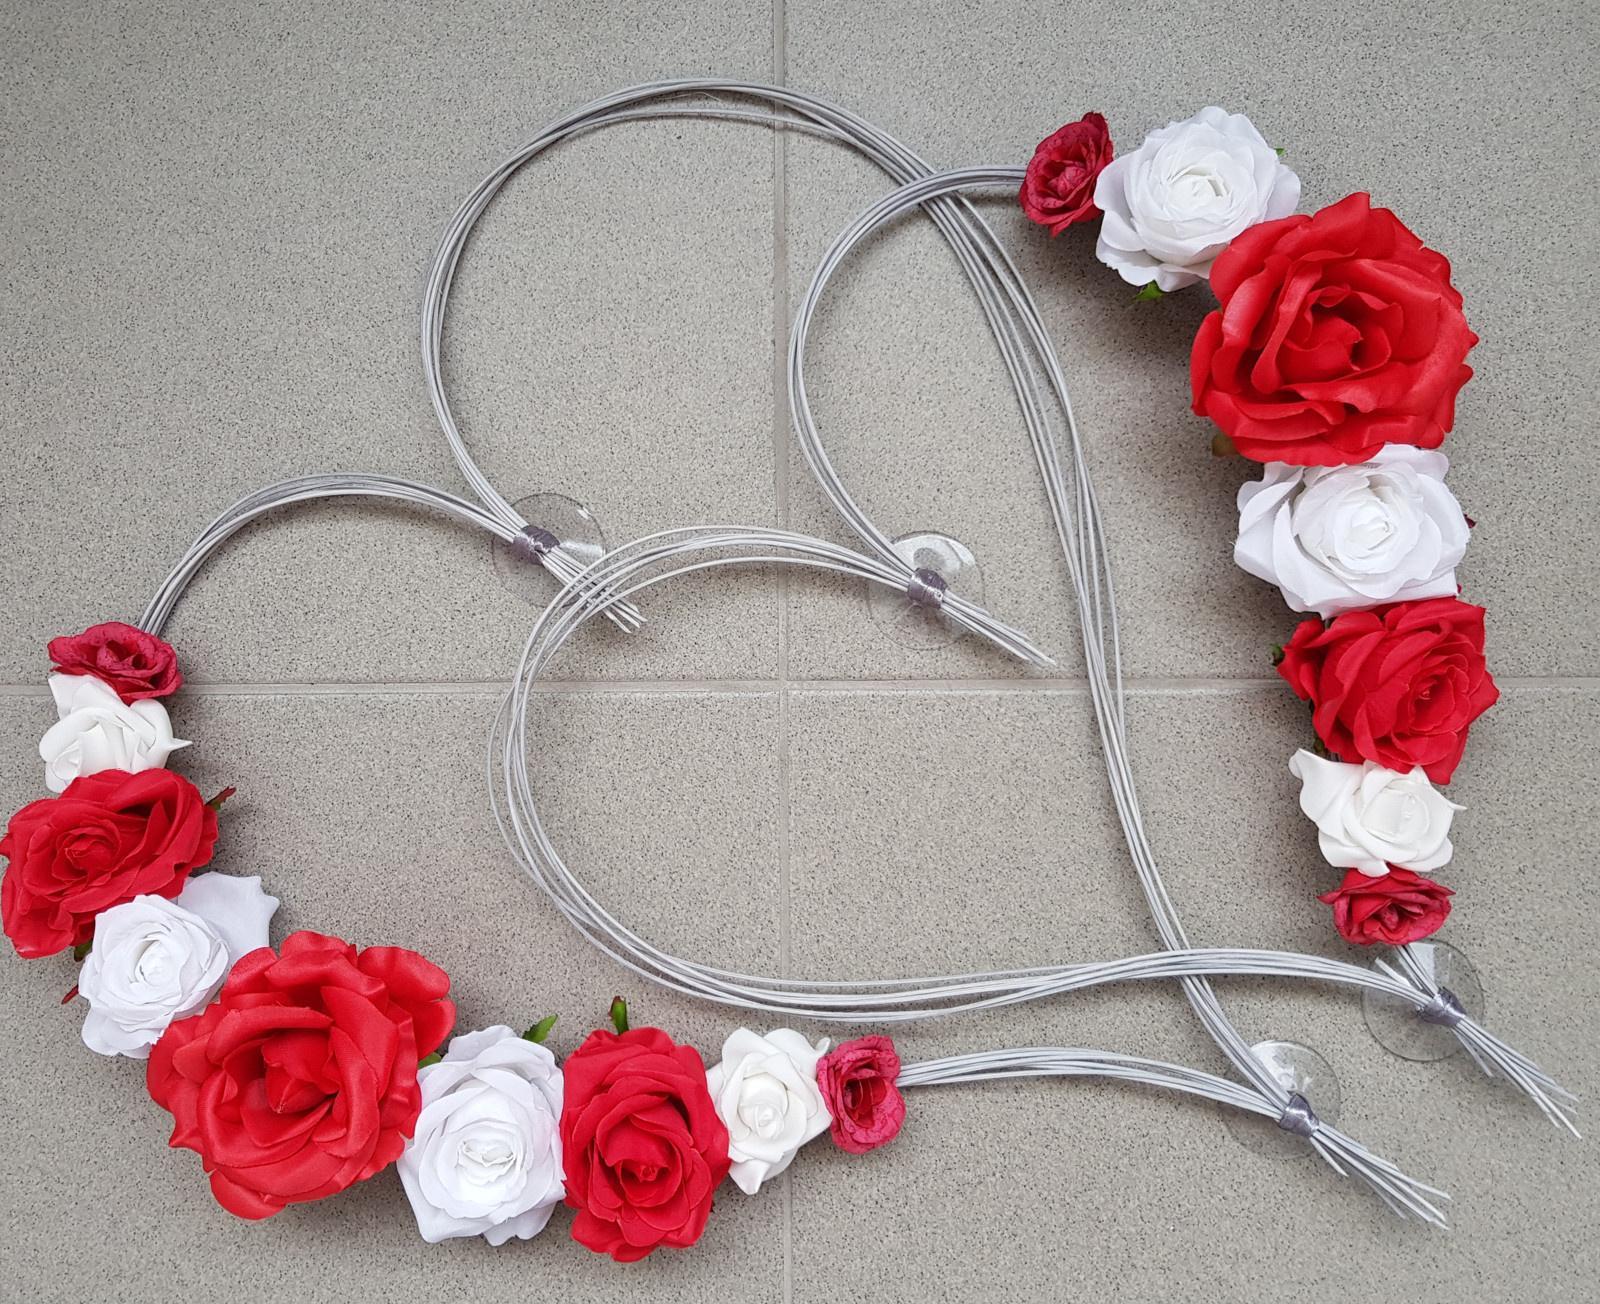 Srdce na kapotu bílá, šedá a červená - Obrázek č. 1